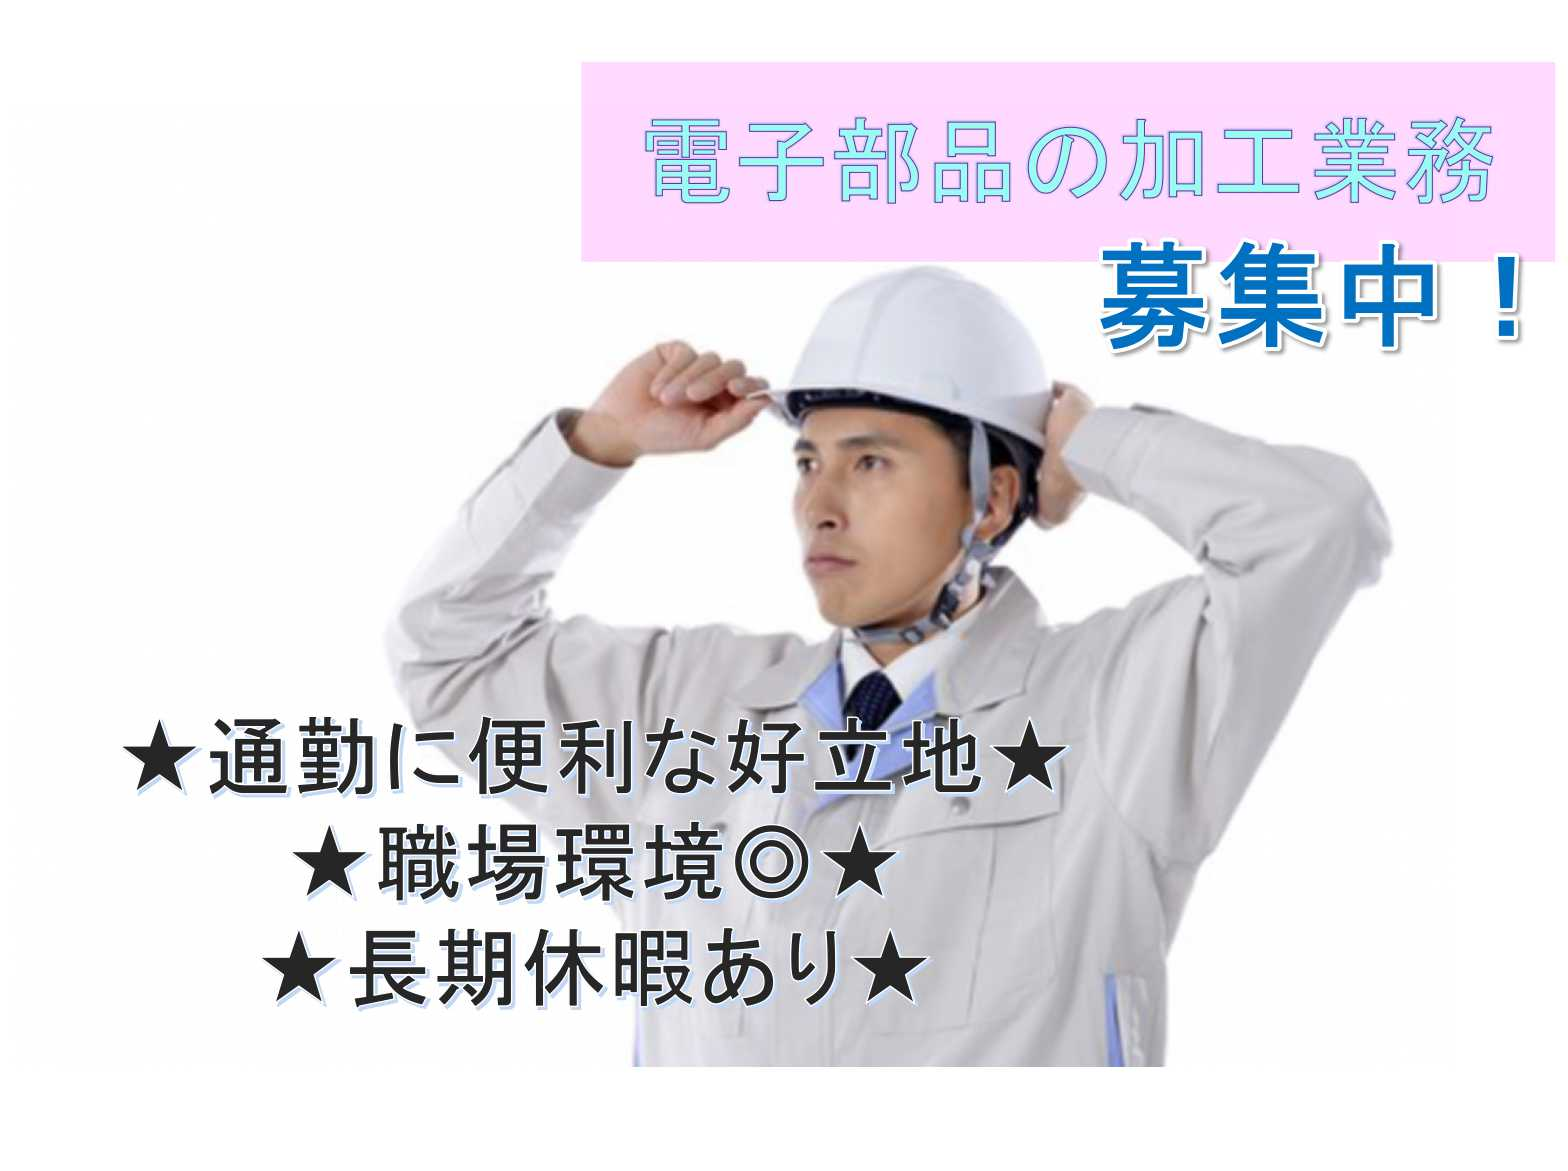 【福井県鯖江市】好立地な職場◆長期休暇あり◆電子部品の加工業務◆ イメージ